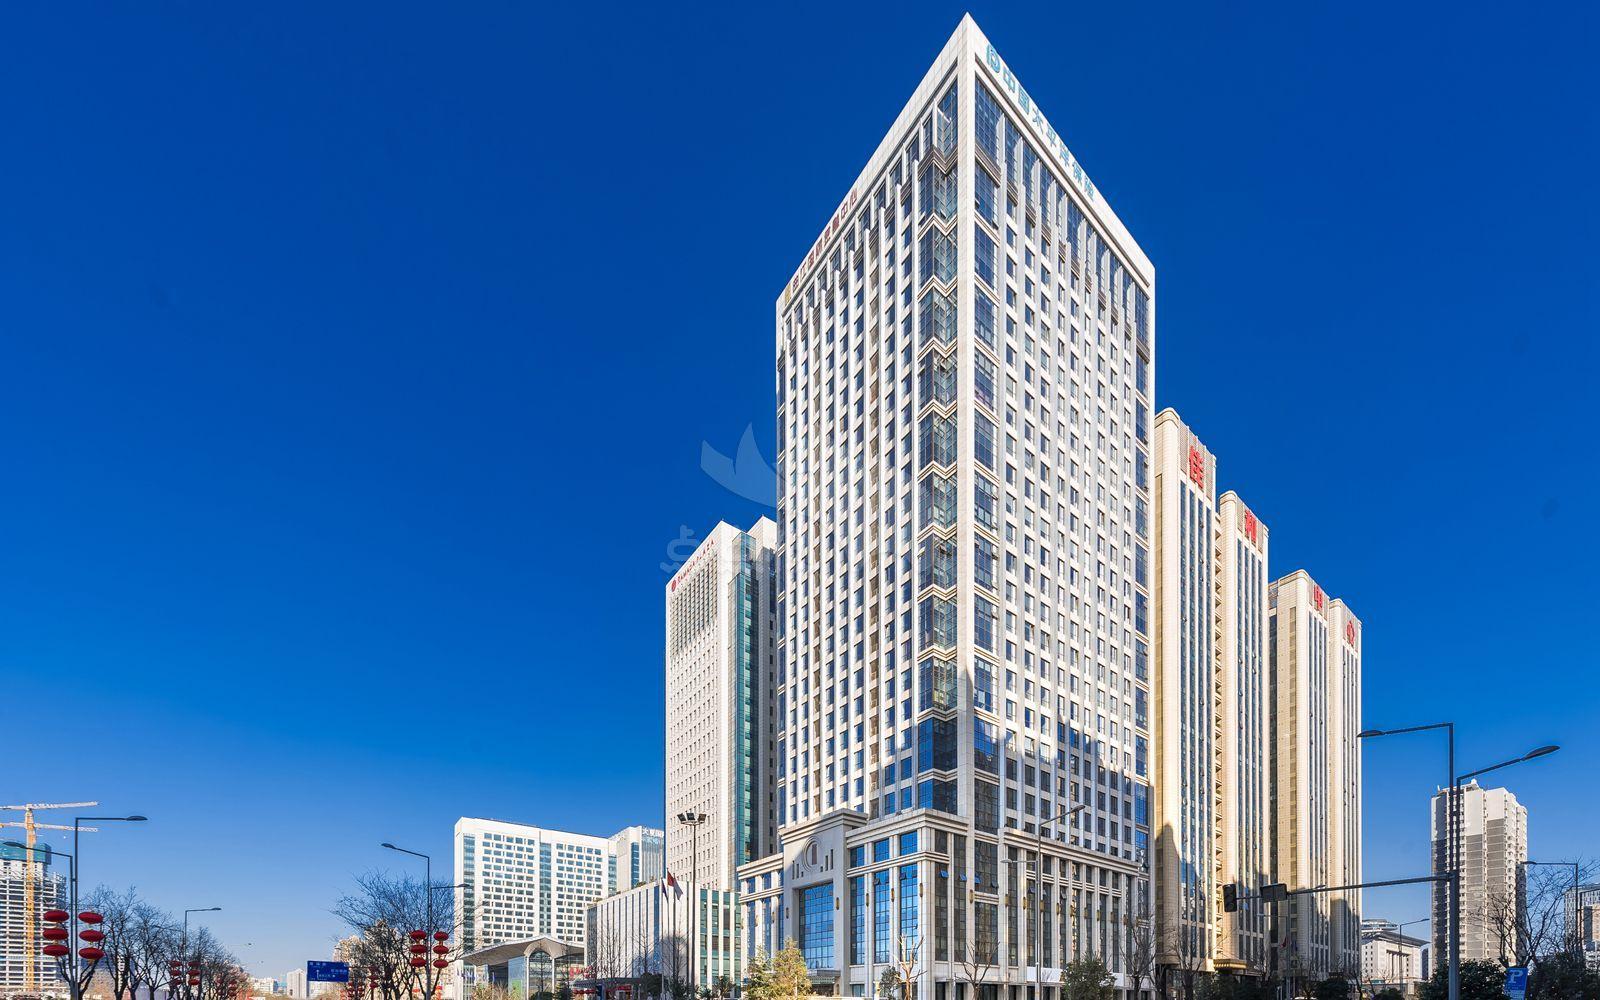 曲江国际金融中心